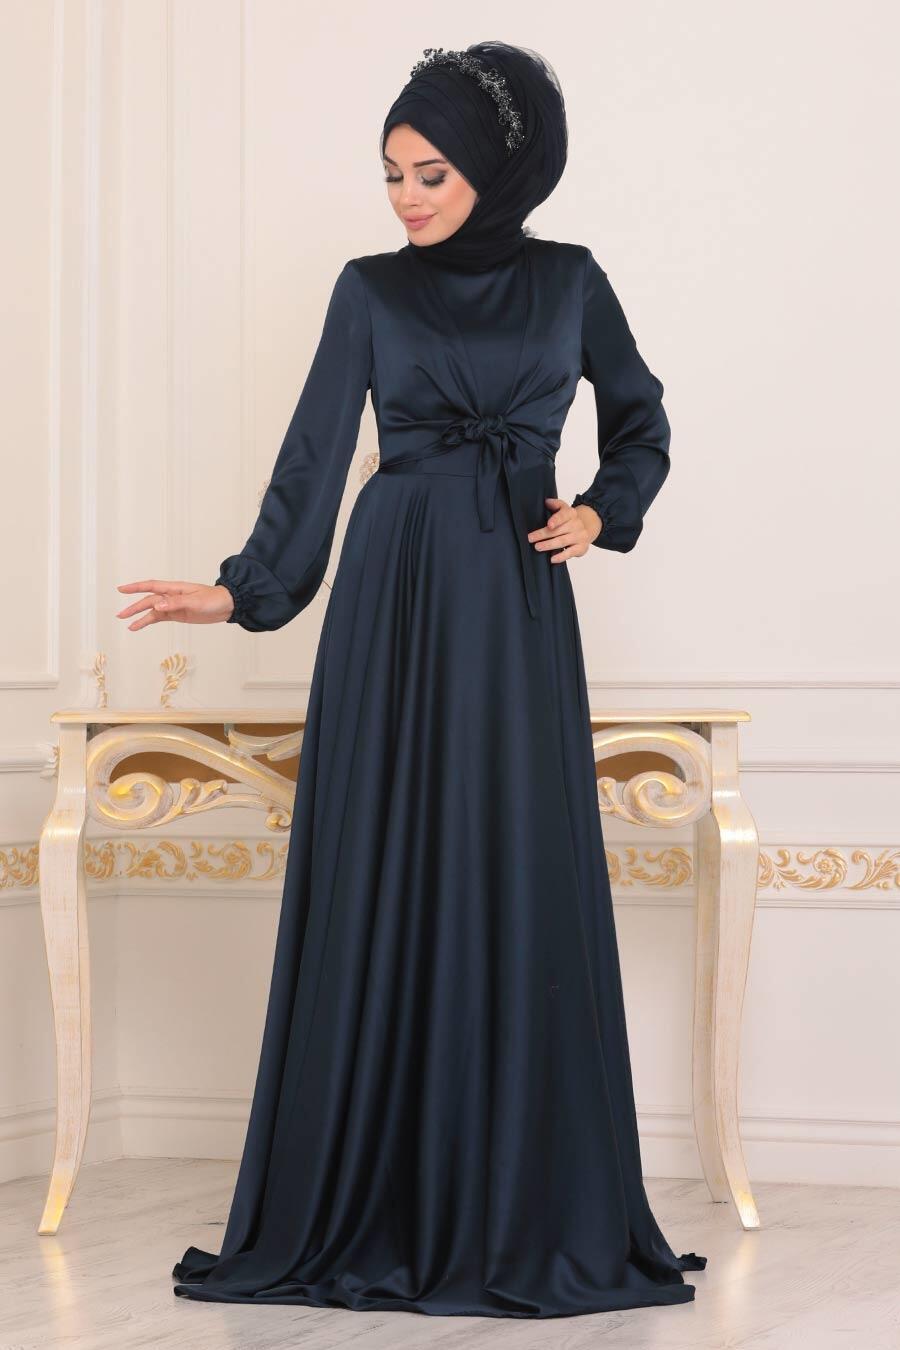 Tesettürlü Abiye Elbise - Krep Saten Lacivert Tesettür Abiye Elbise 14251L